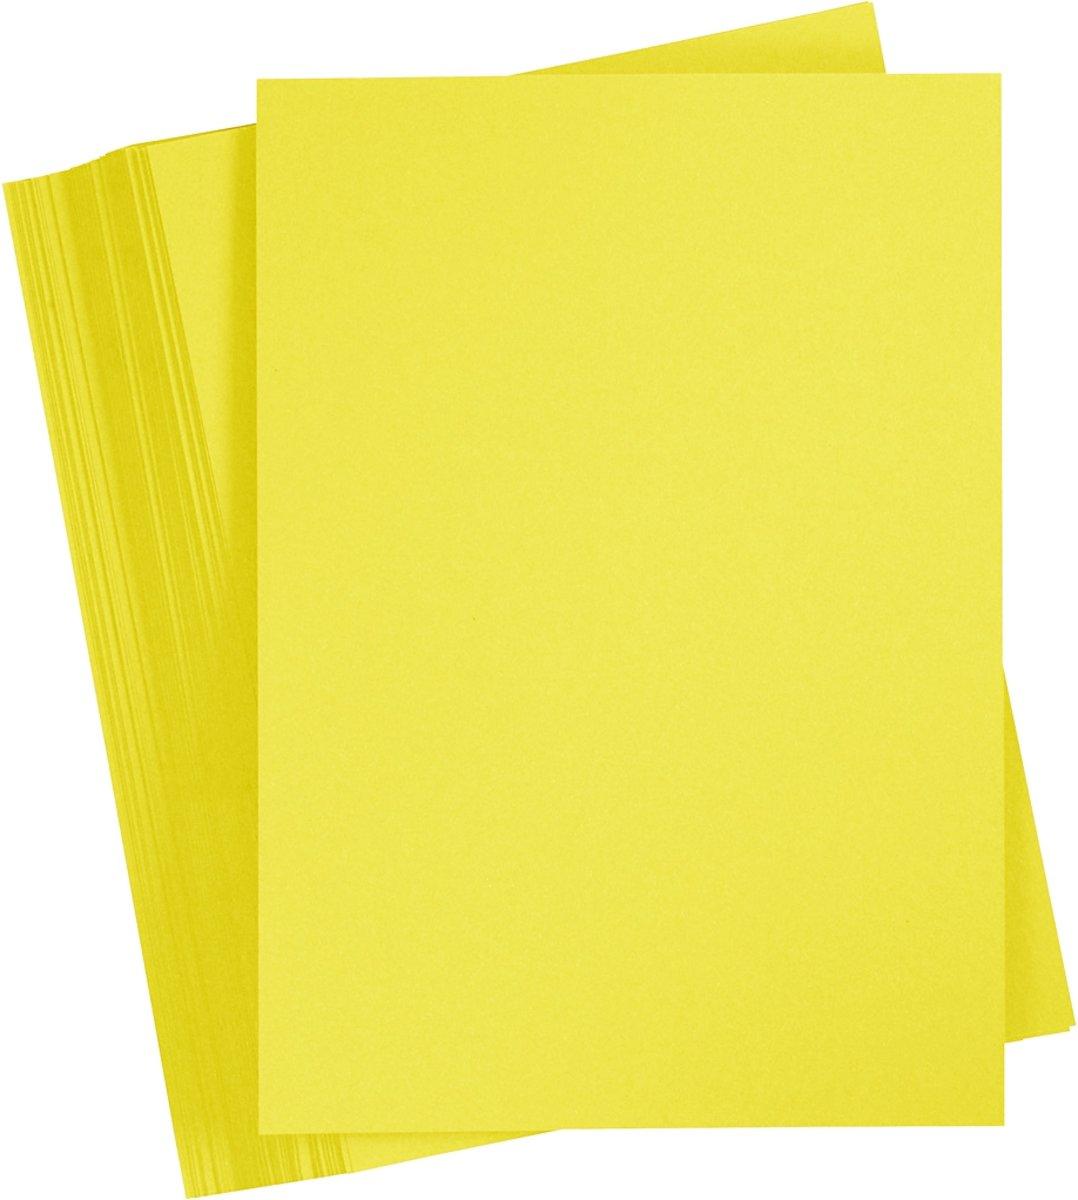 Gekleurd Karton, A4 210x297 mm, sun yellow, 100 vellen kopen